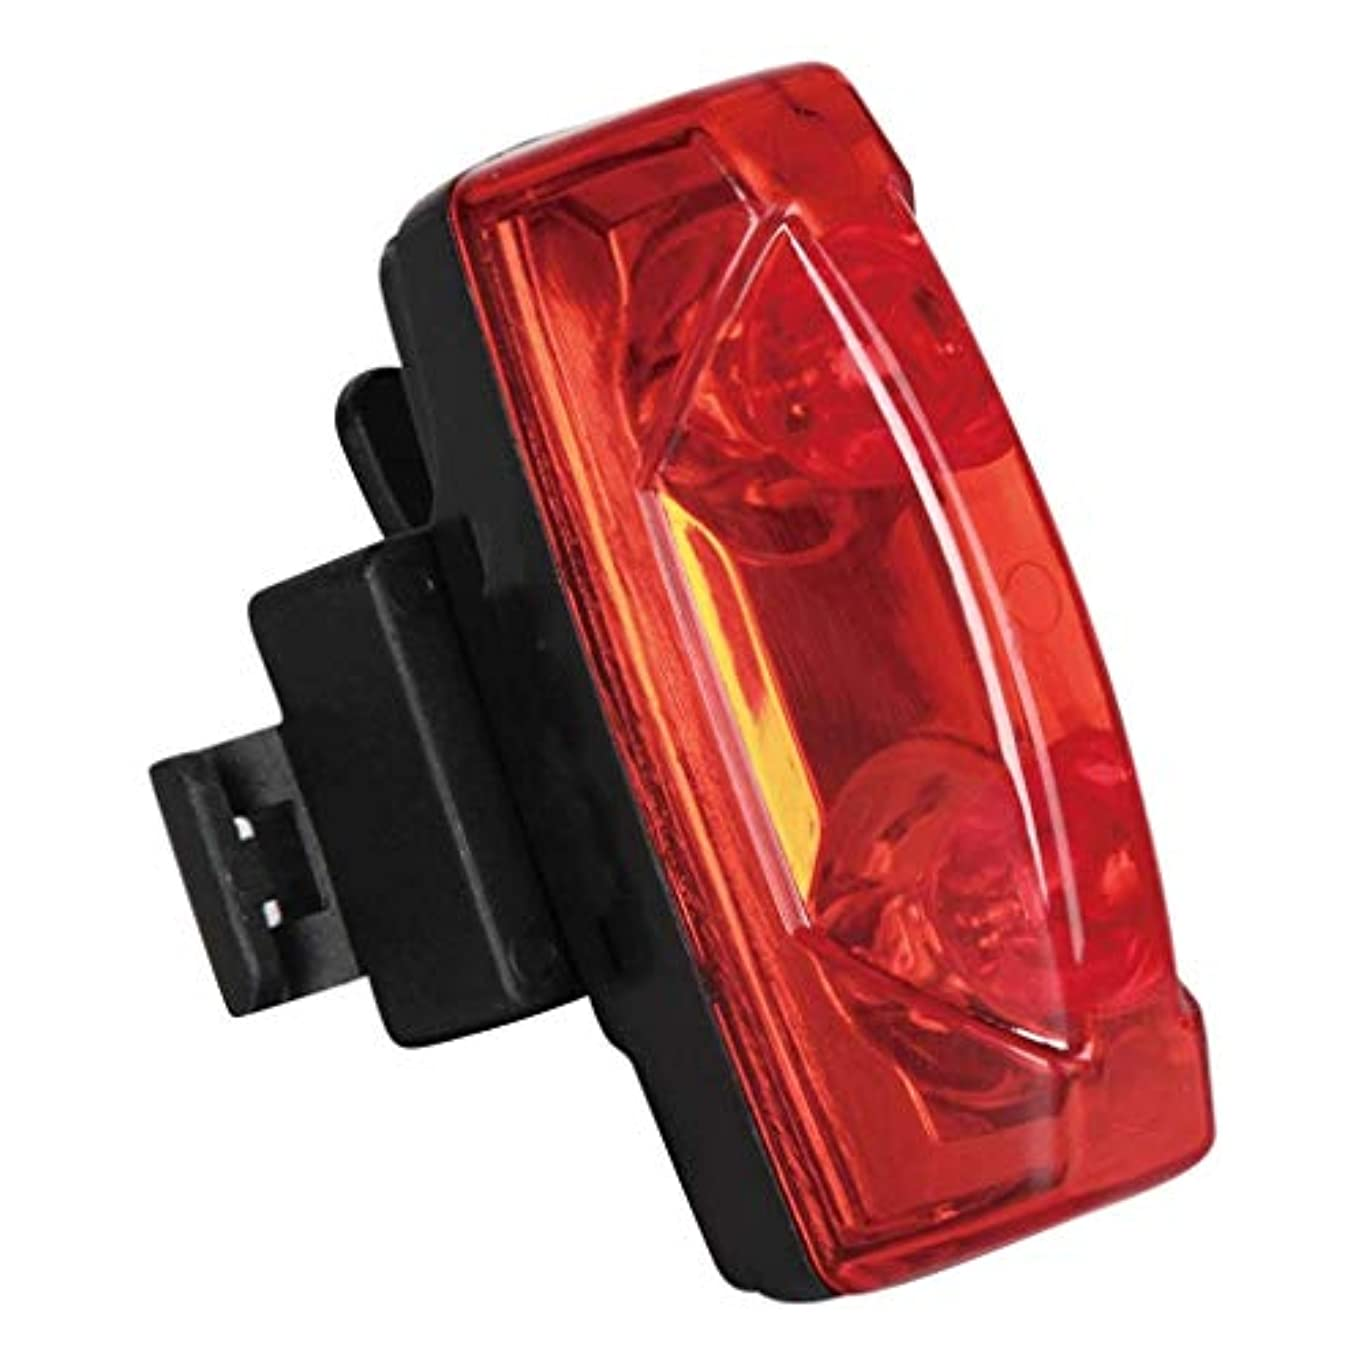 クリップペイントゴミZAQXSW マウンテンバイクライトテールライトUSB充電ライト警告灯ナイトバイク機器